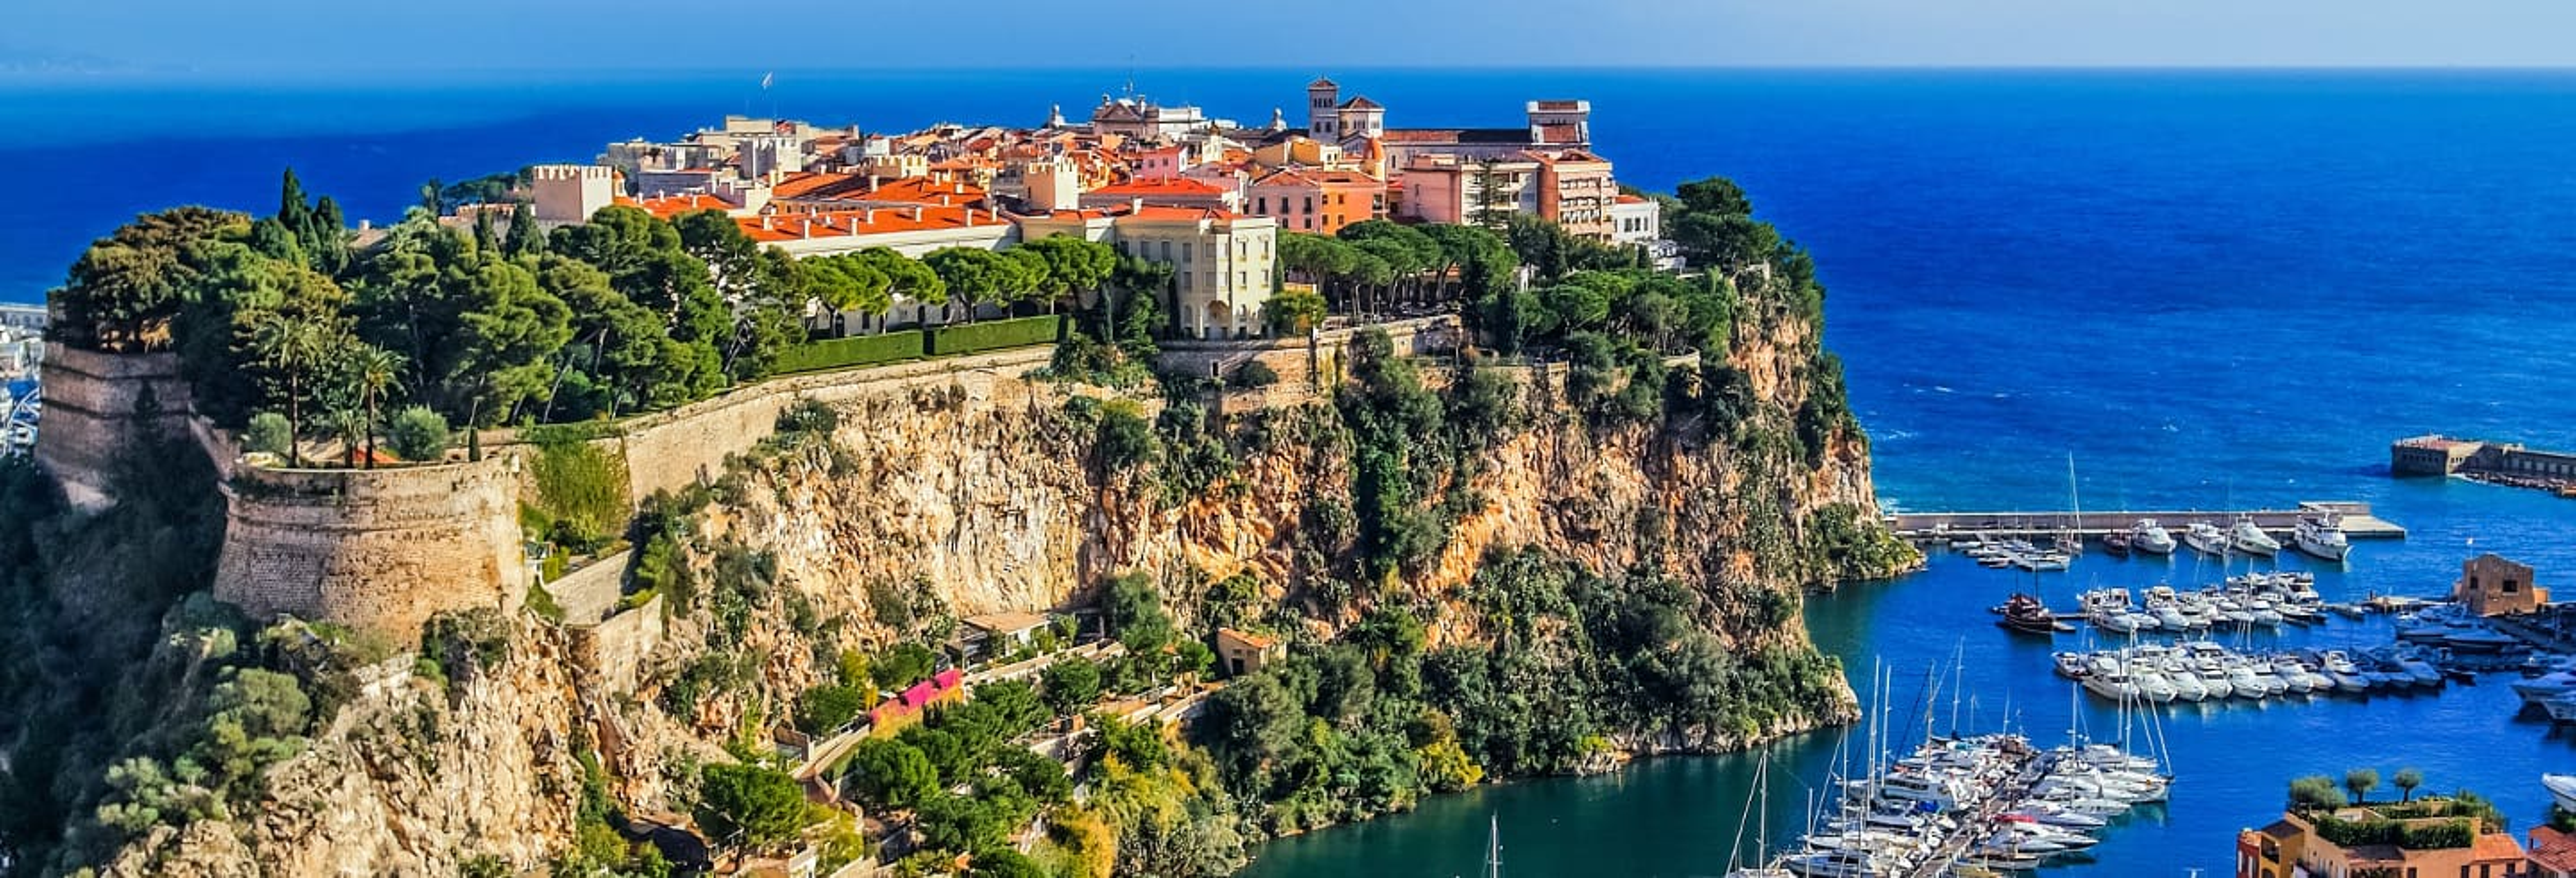 Excursión privada desde Niza